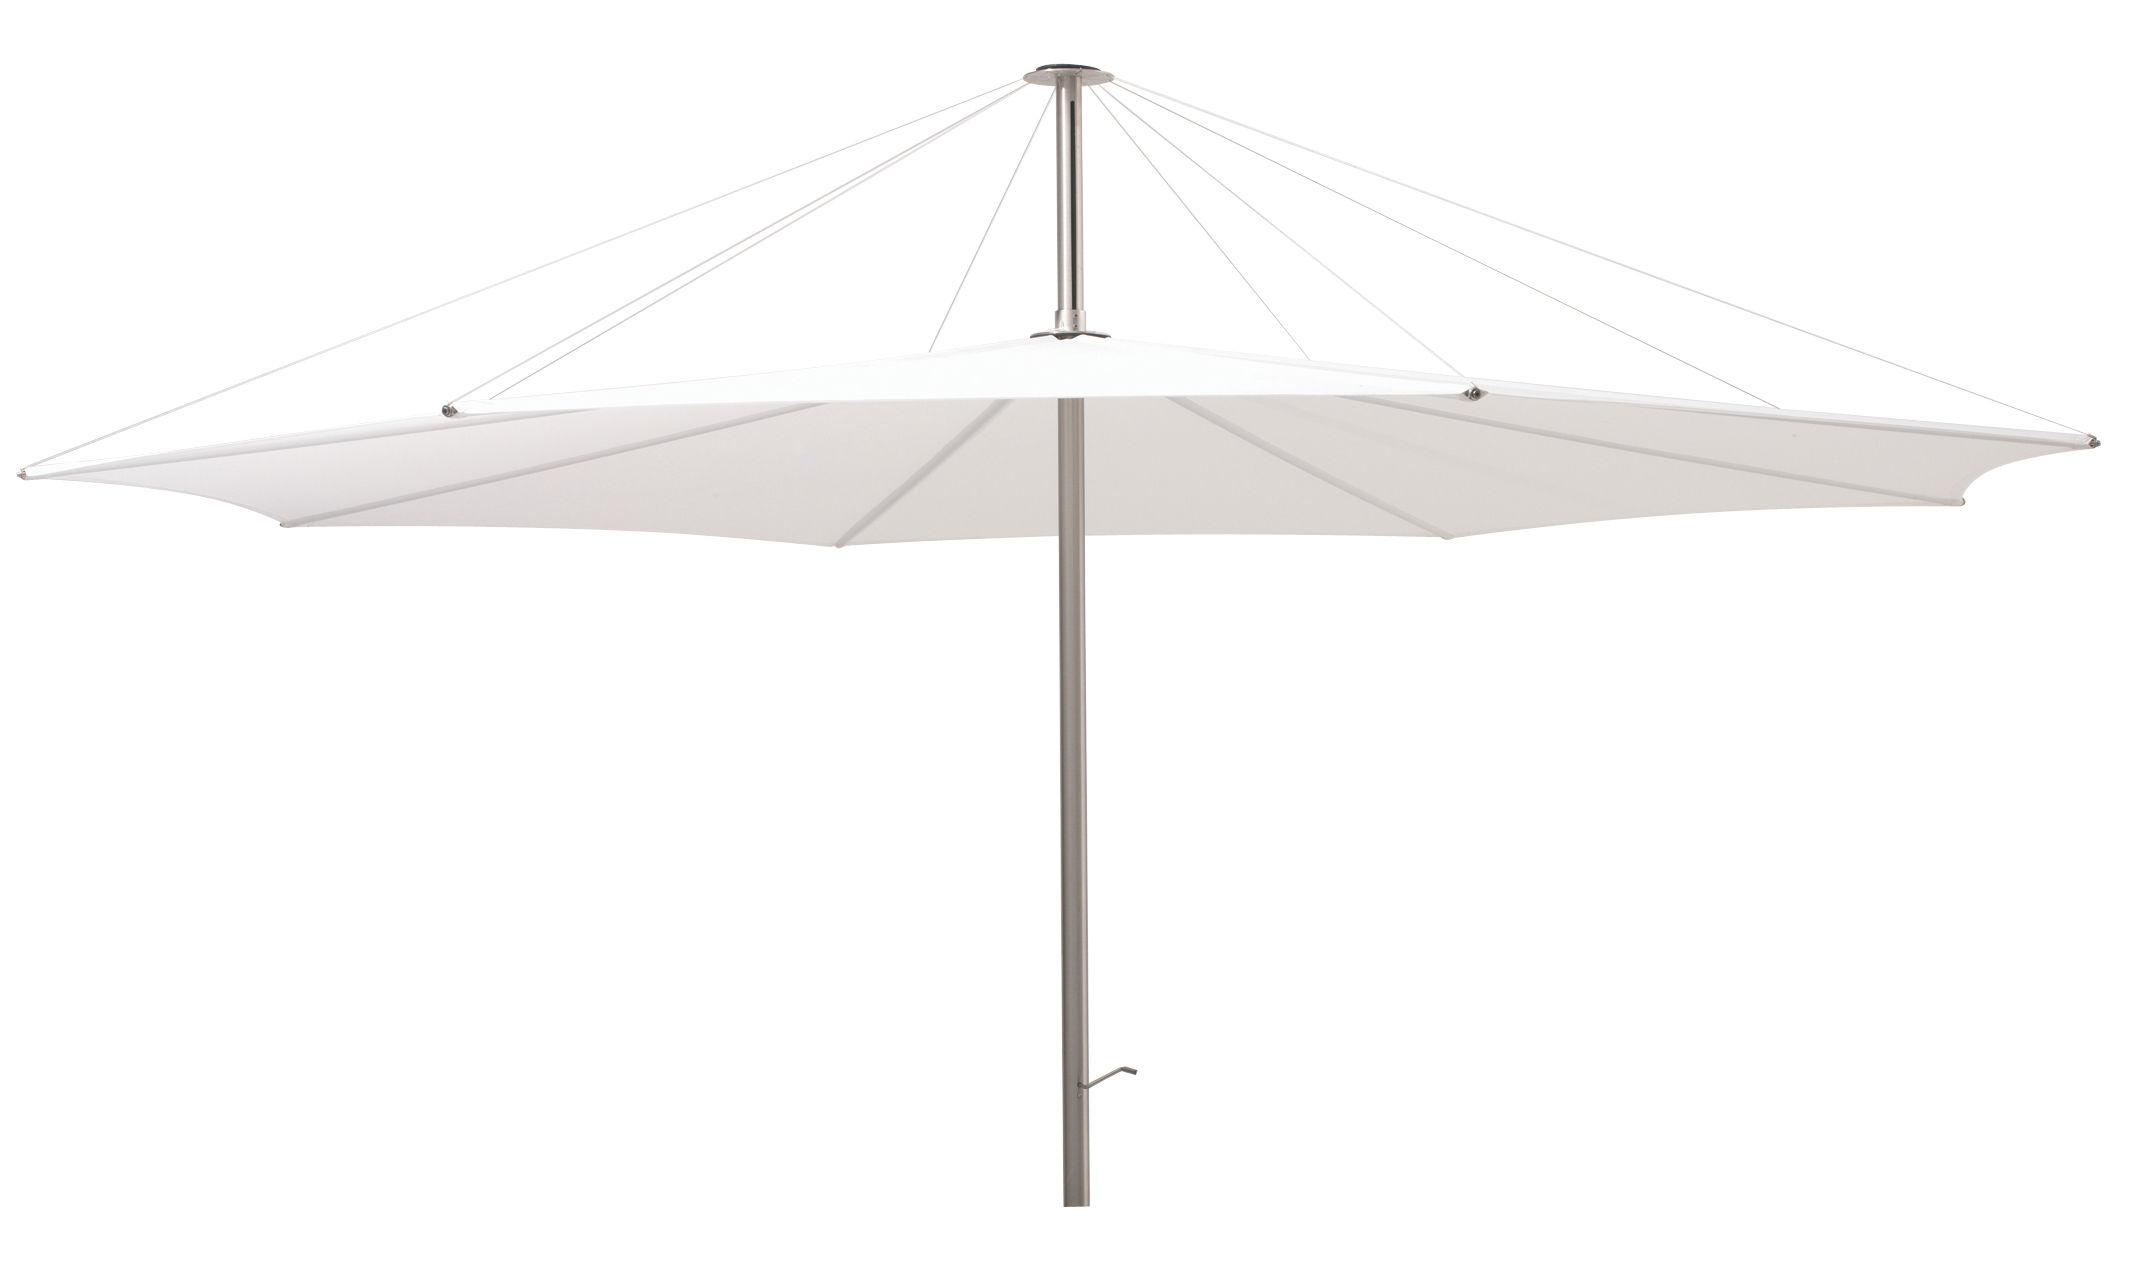 Outdoor - Sonnenschirme - Inumbra Sonnenschirm Ø 400 cm - Extremis - Sonnenschirm weiß - rostfreier Stahl, Toile de polyester